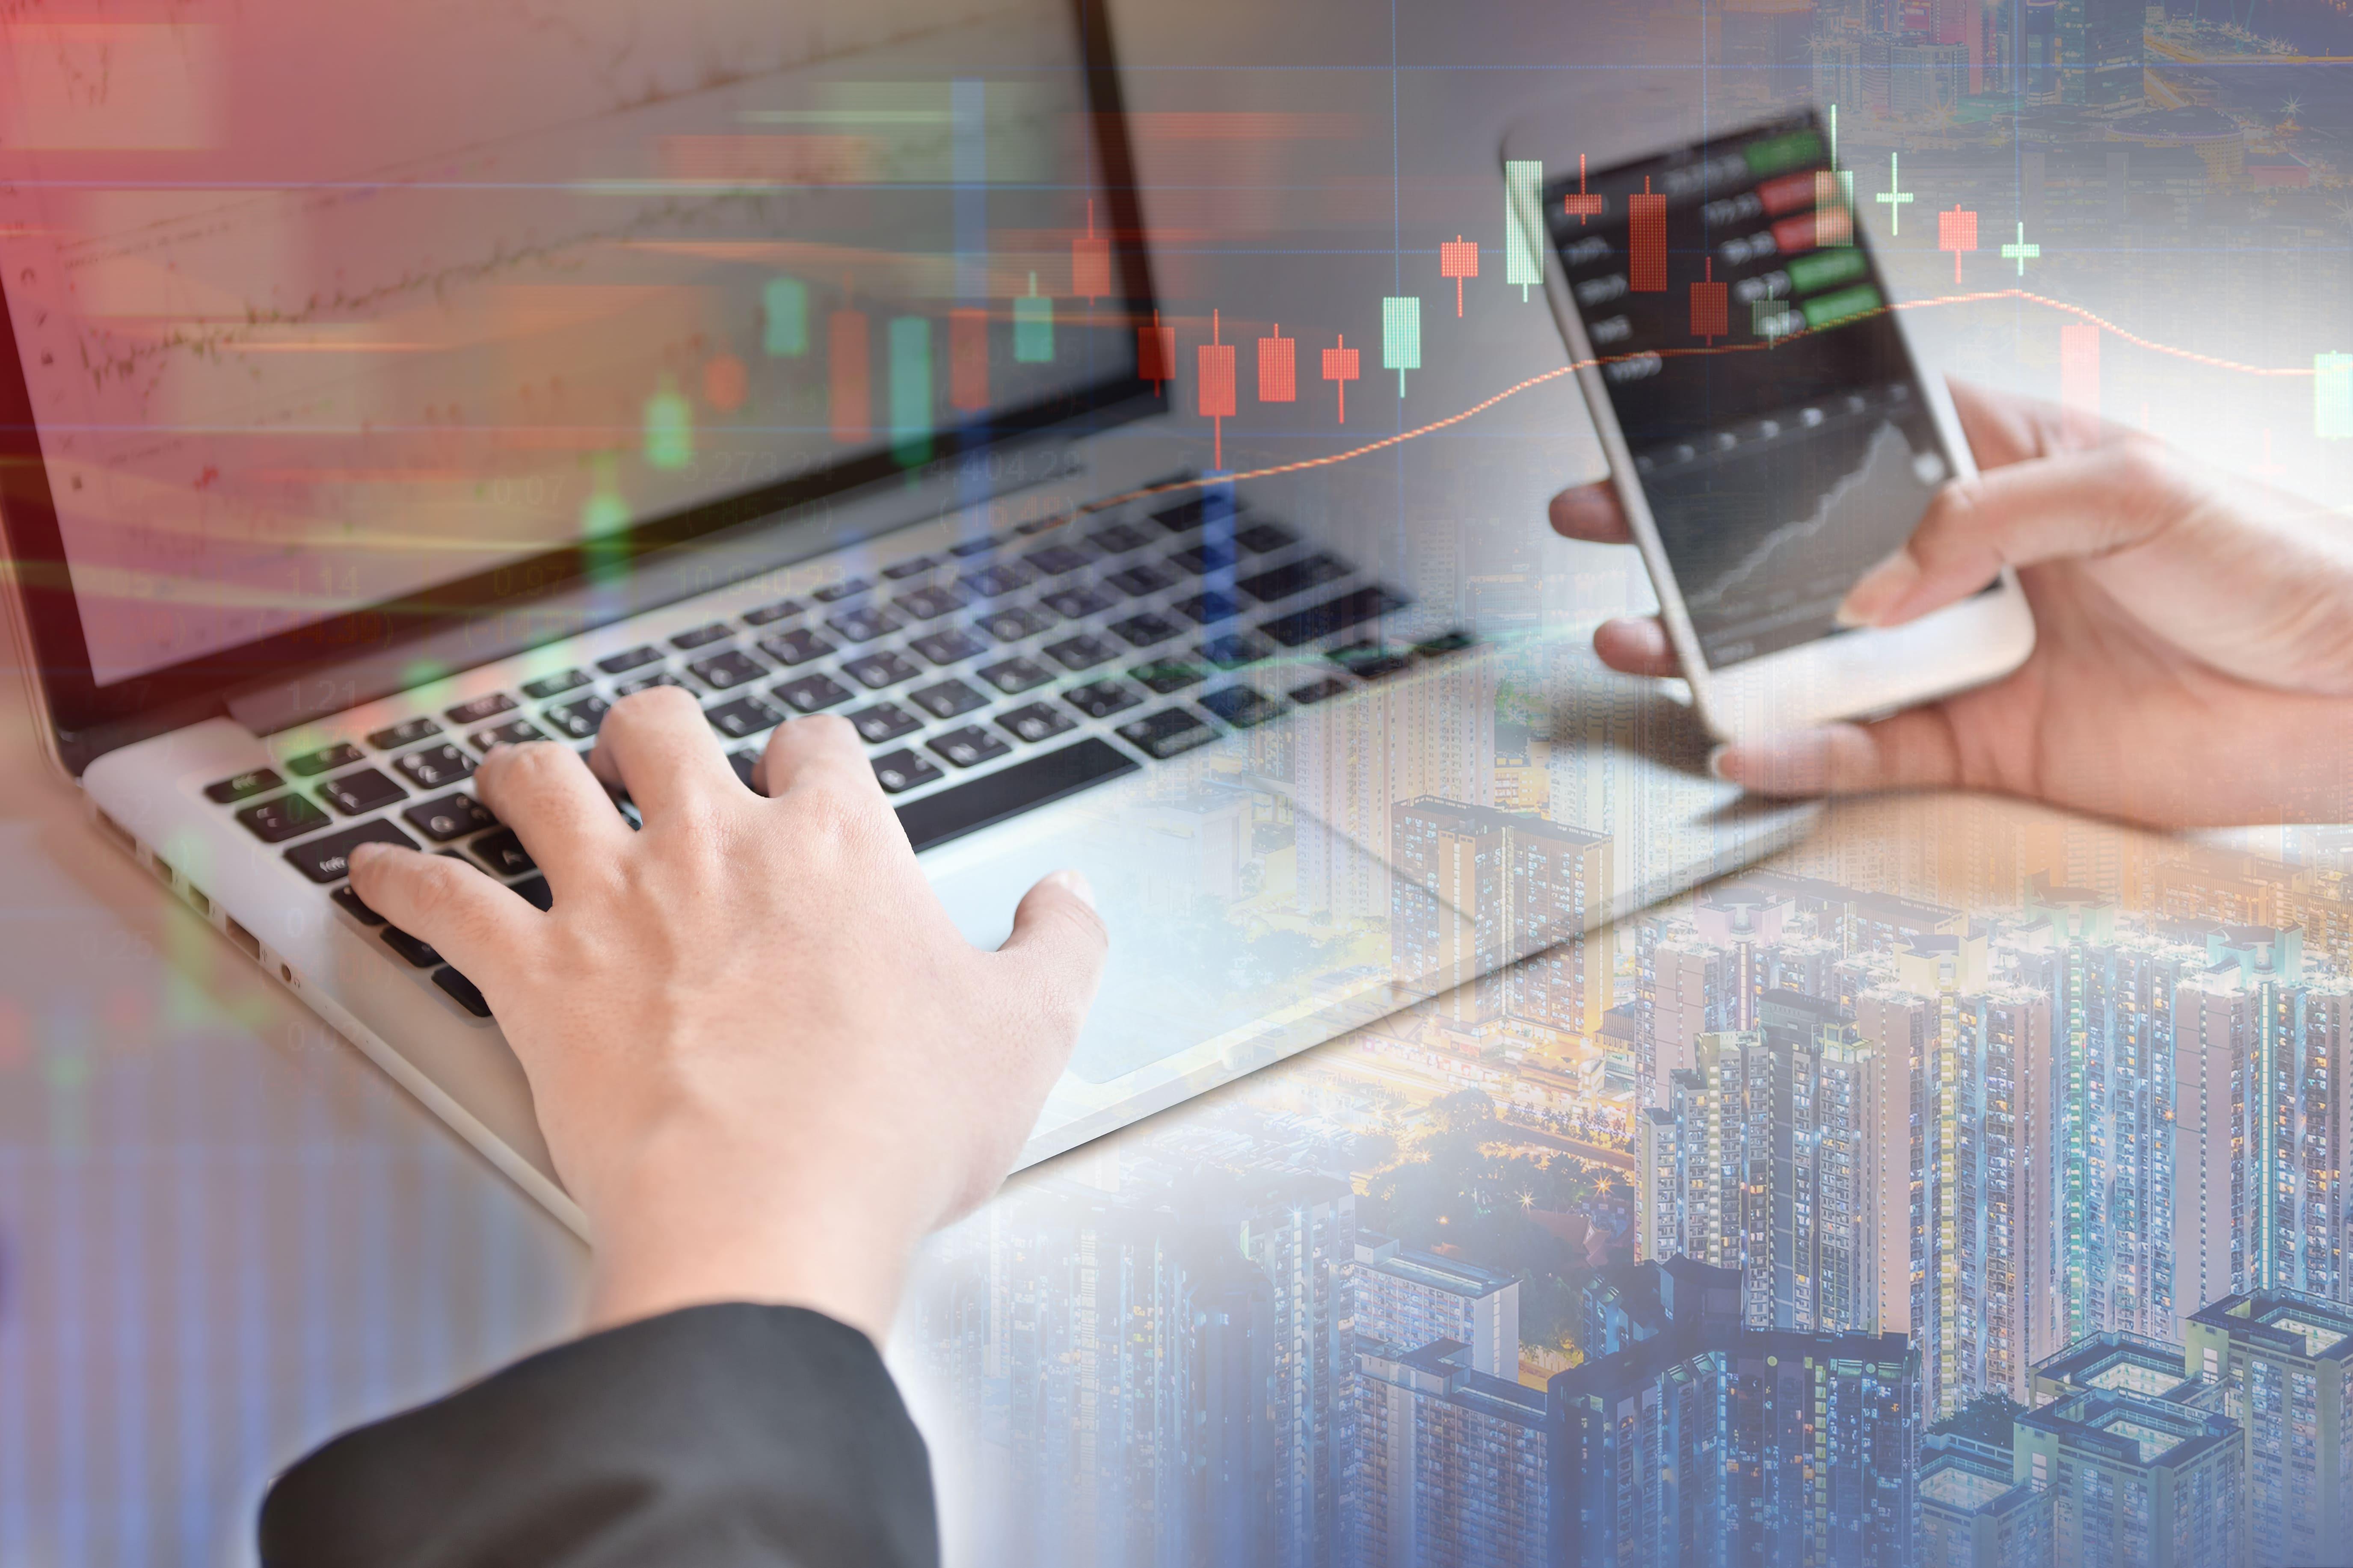 Imagem de um computador onde o investidor consegue acompanhar as ações da bolsa de valores